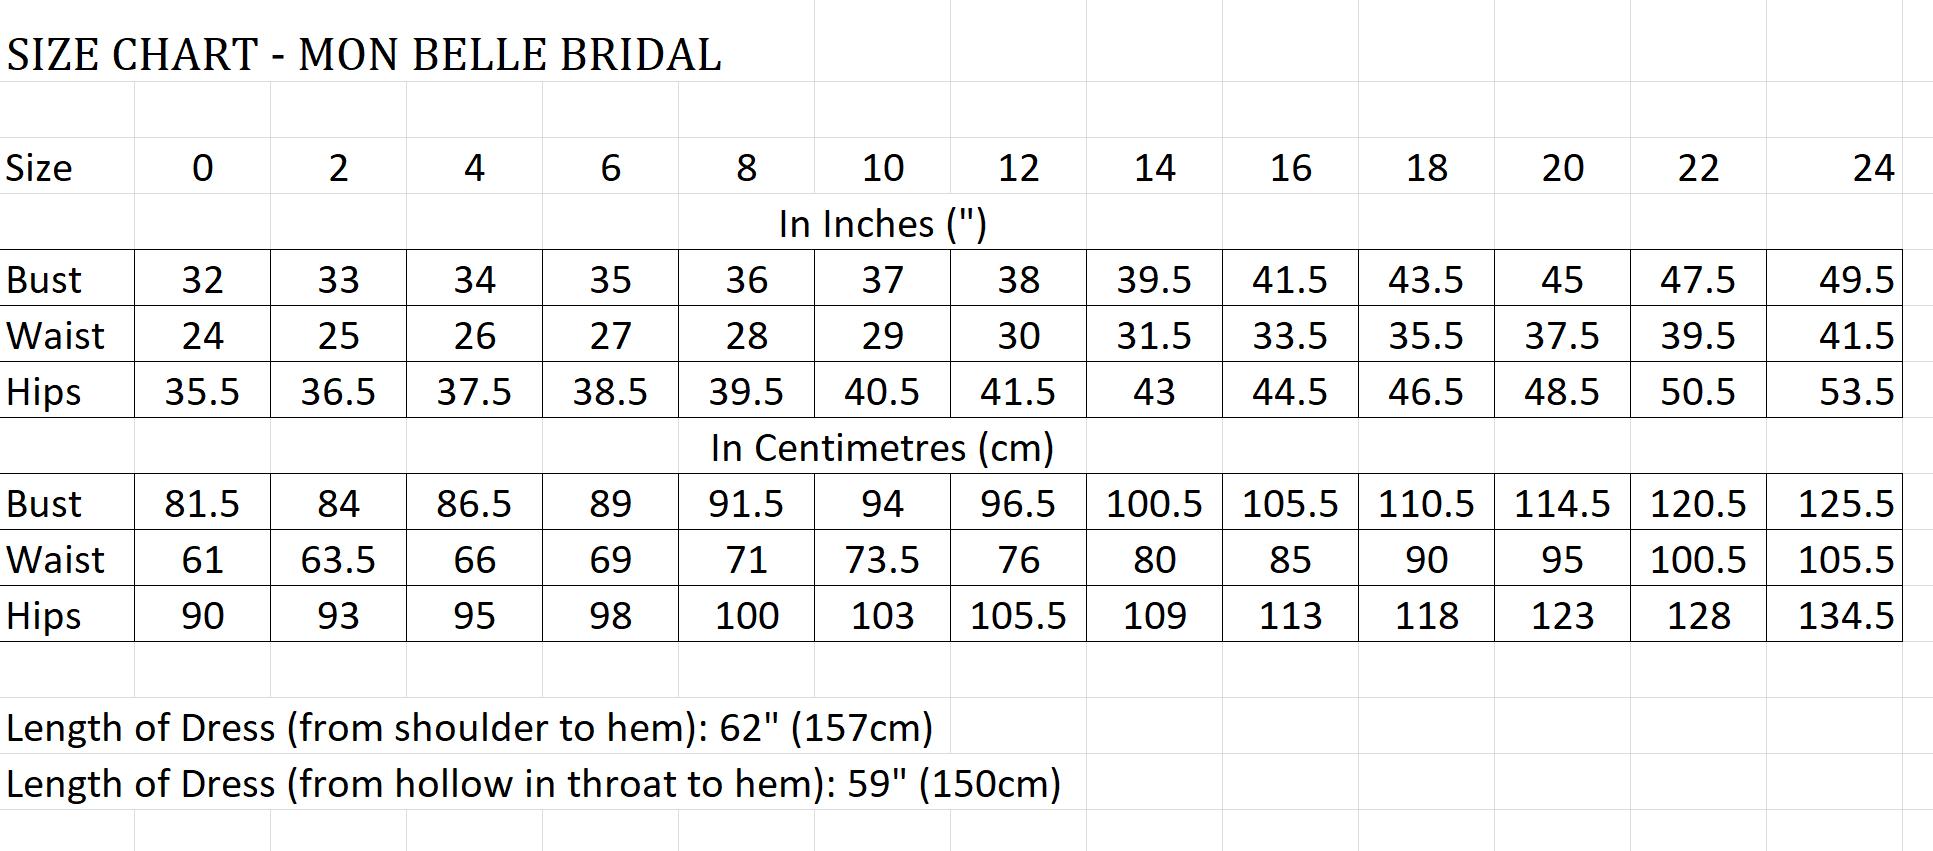 Size Chart - Mon Belle Bridal